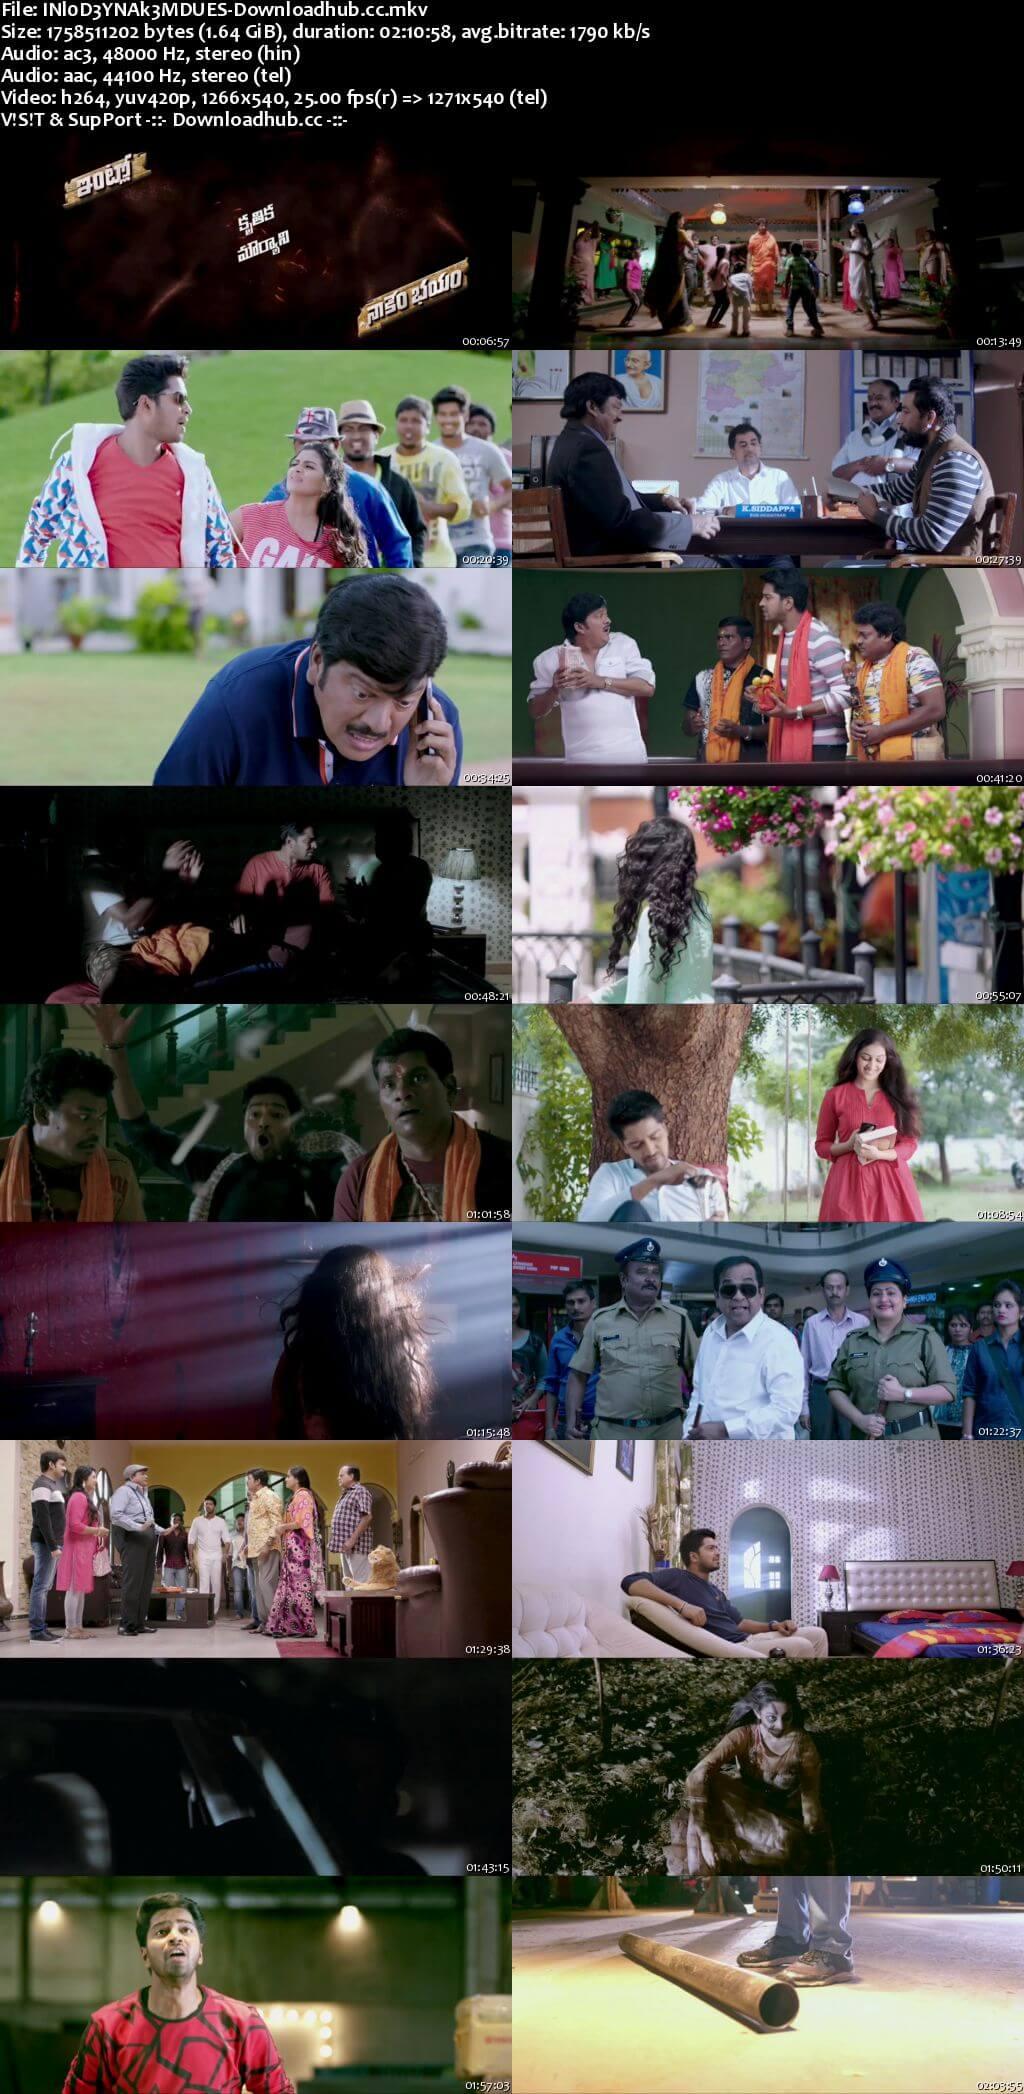 Intlo Dayyam Nakemi Bhayam 2016 UNCUT Hindi Dual Audio 720p HDRip Free Download